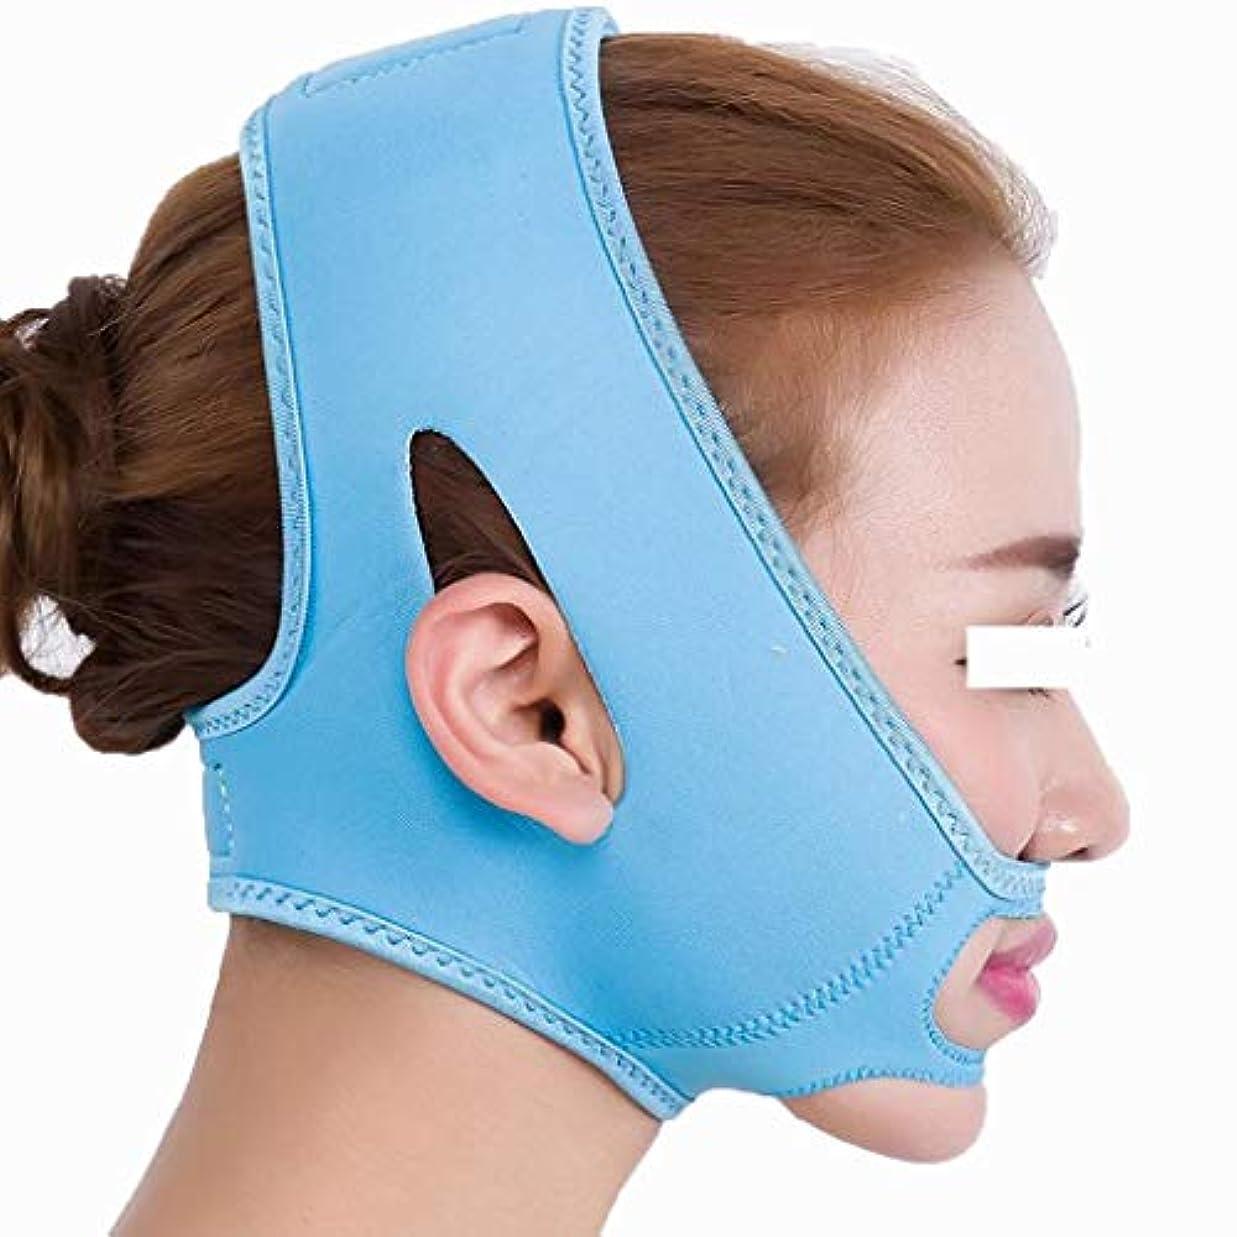 増幅被るより良い人気のスリープフェイスマスク - 包帯のマッサージ師のあごvフェイスクローズフェイスリフトフェイスマスク